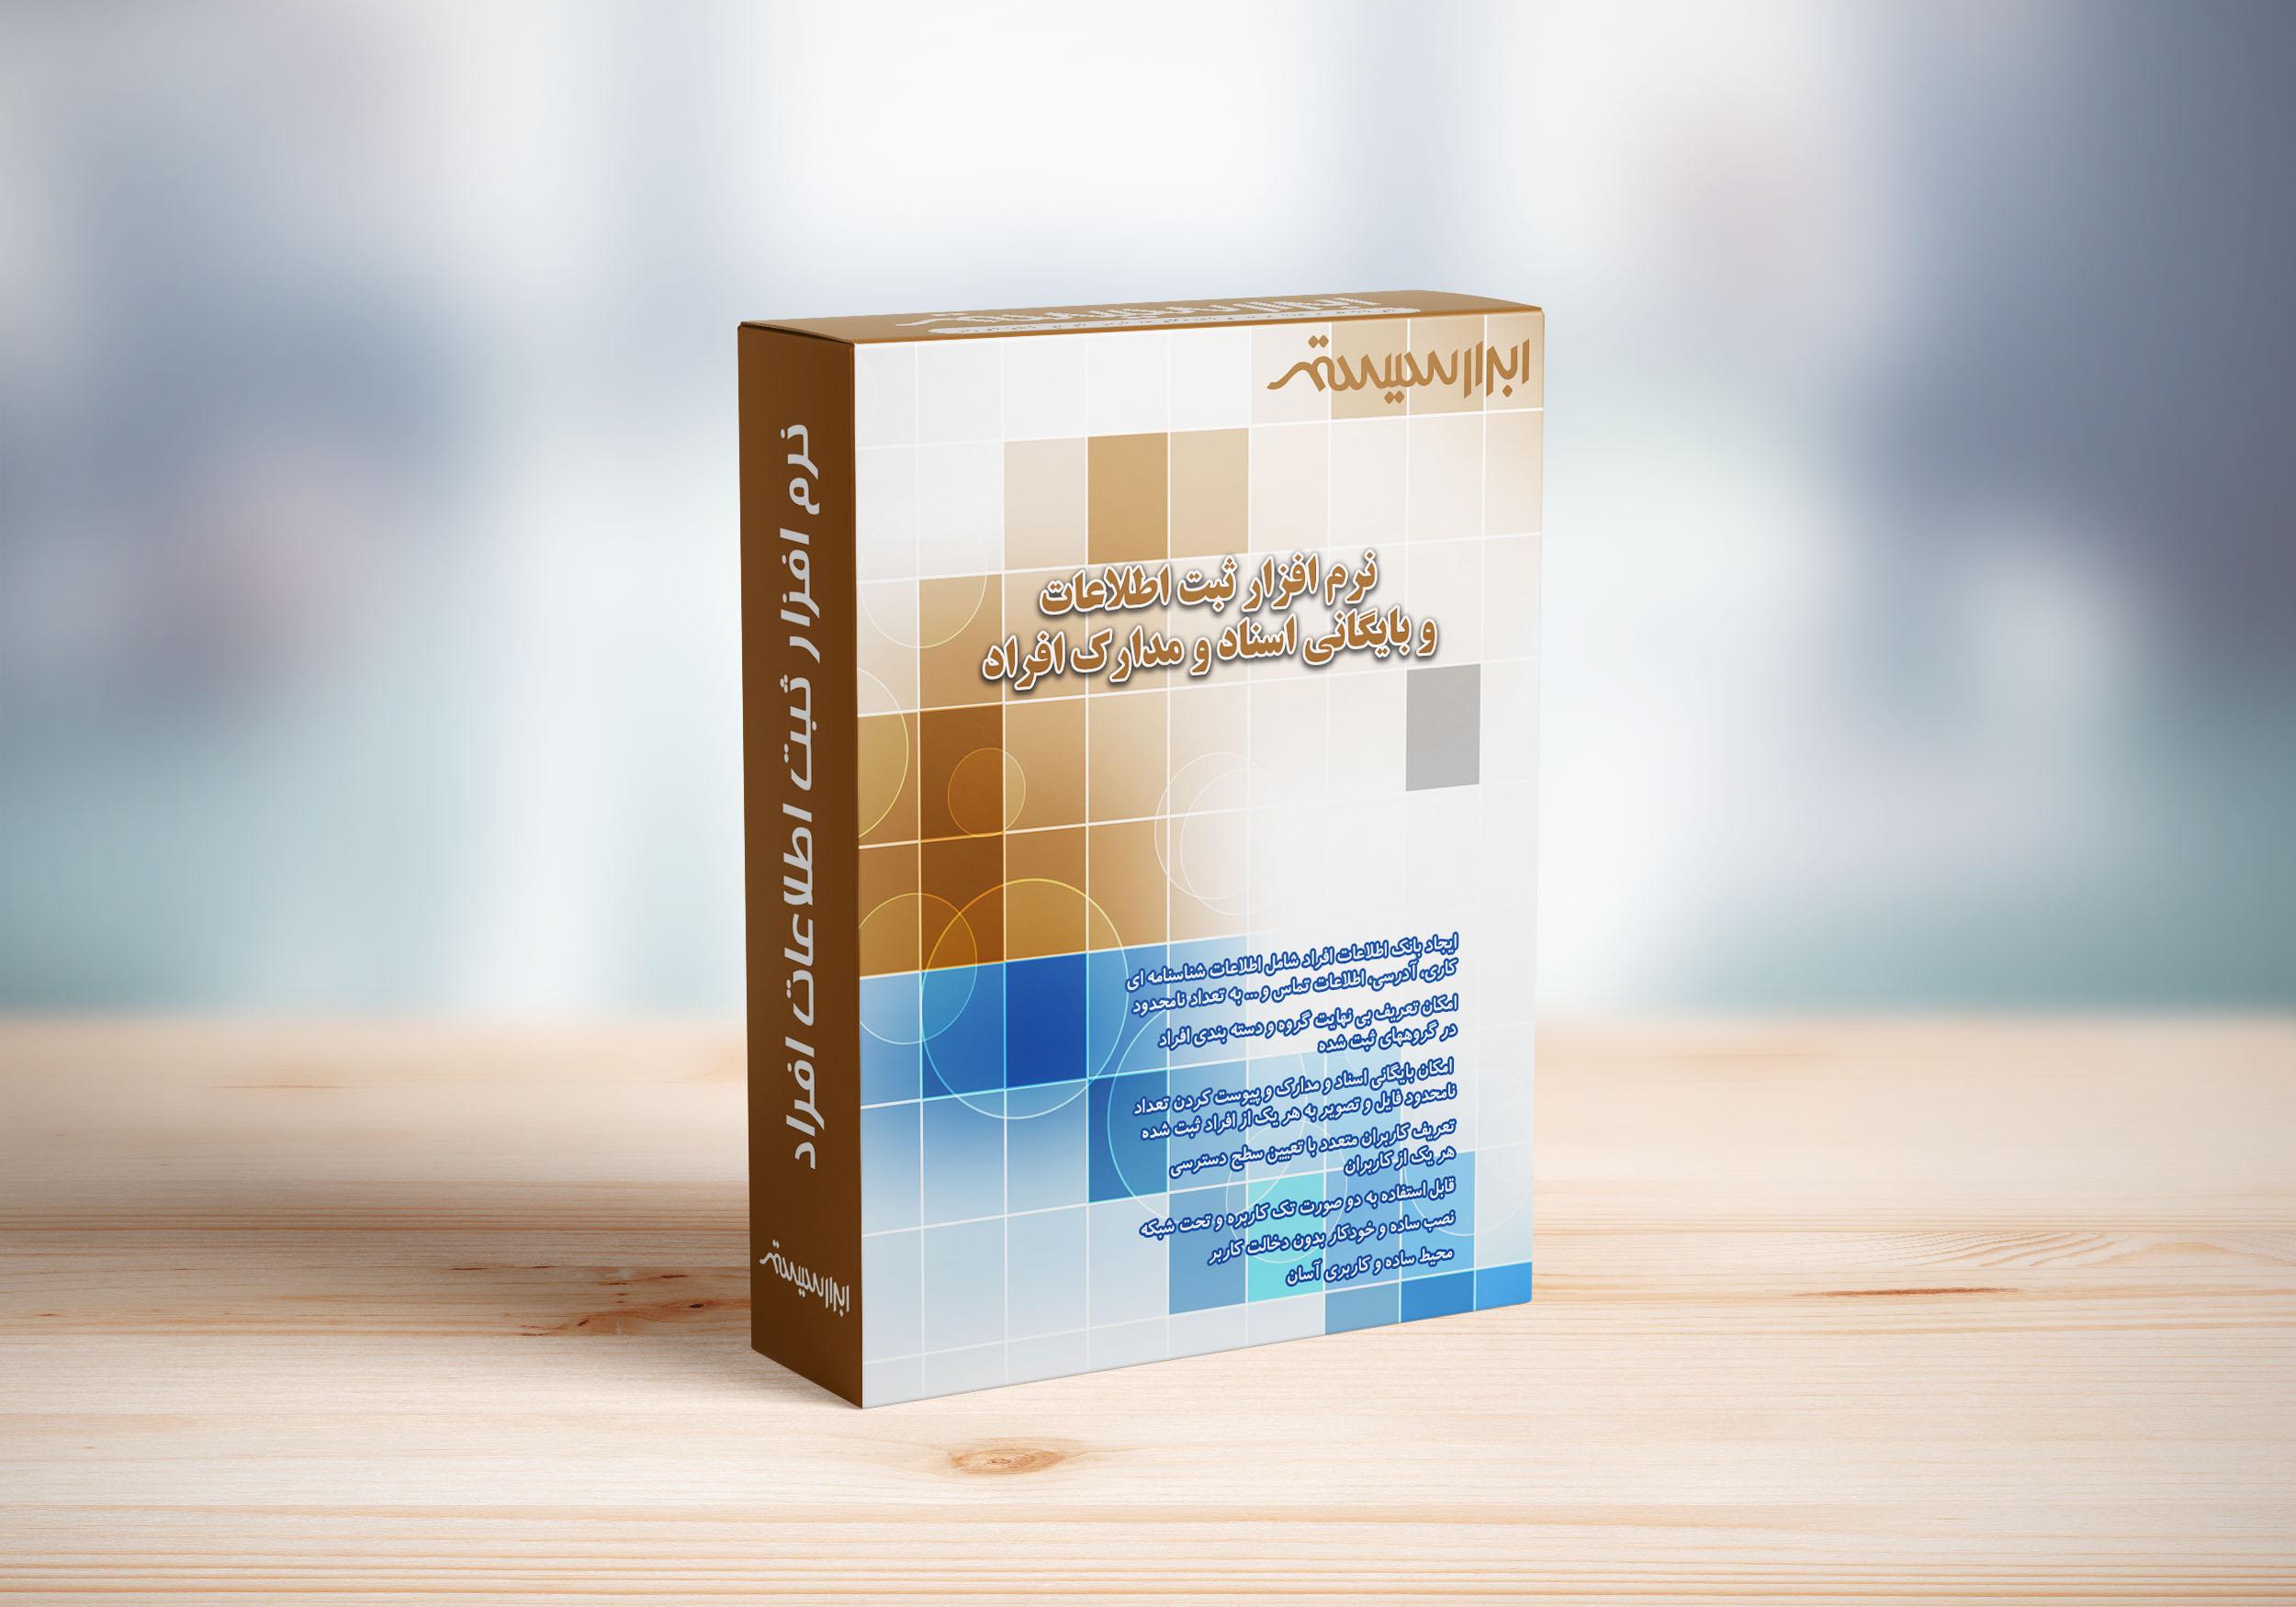 نرم افزار ثبت اطلاعات افراد - ابرار سیستم